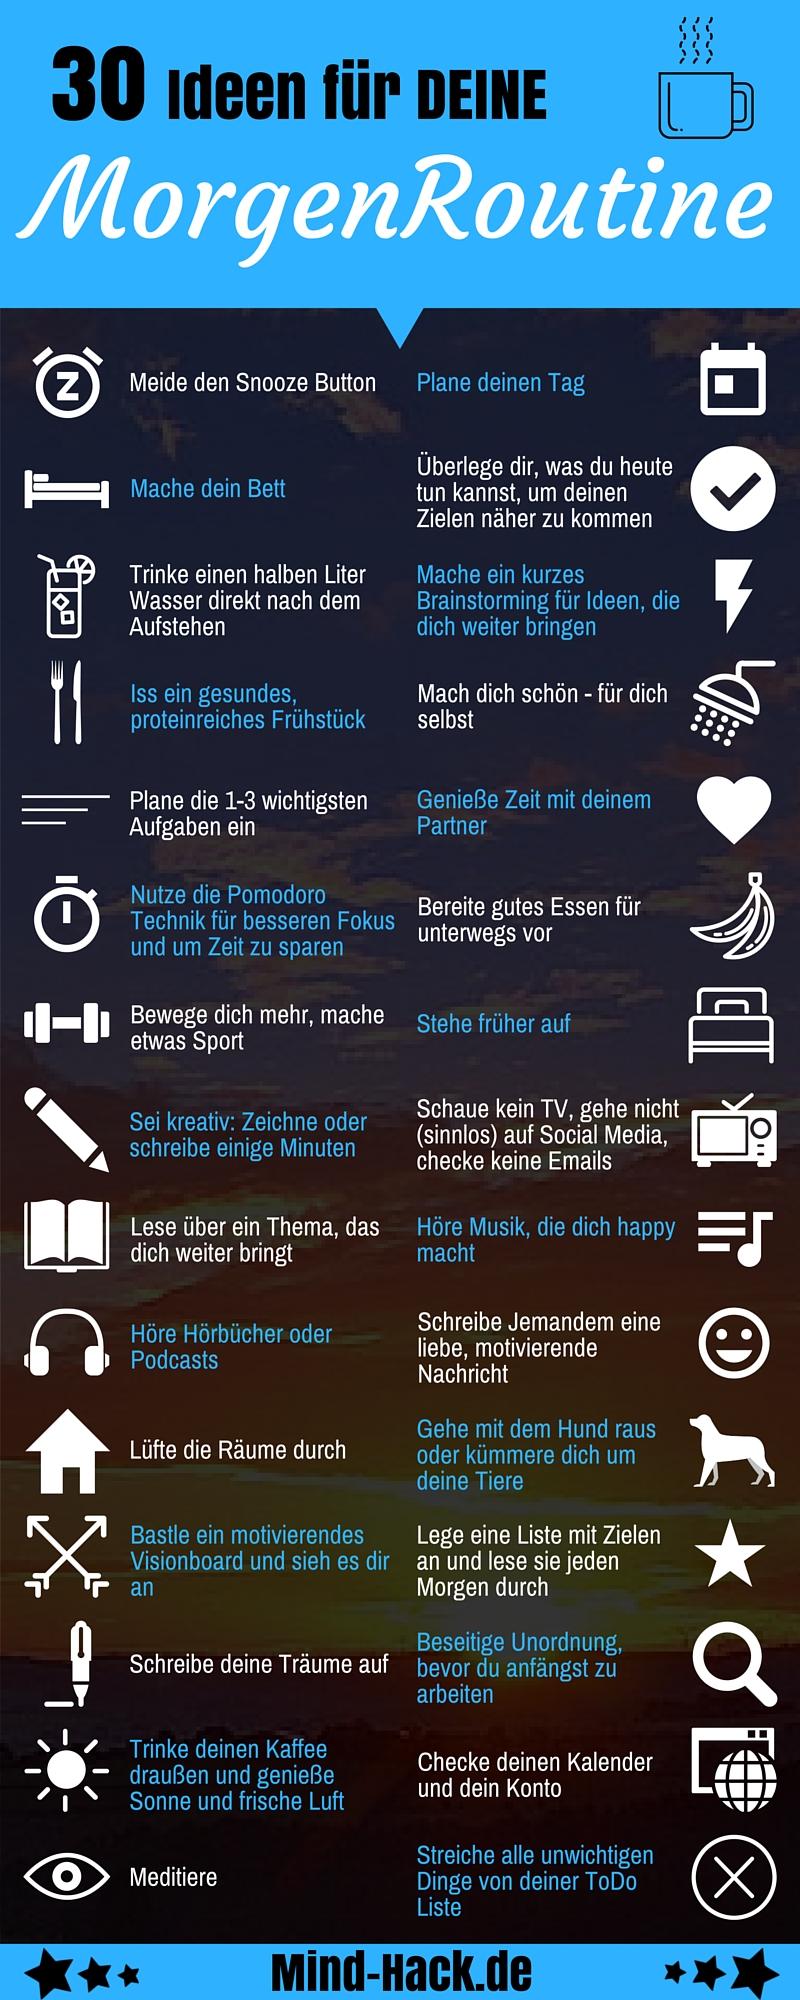 21 Ideen für deine Morgenroutine   Der perfekte Start in den Tag ...